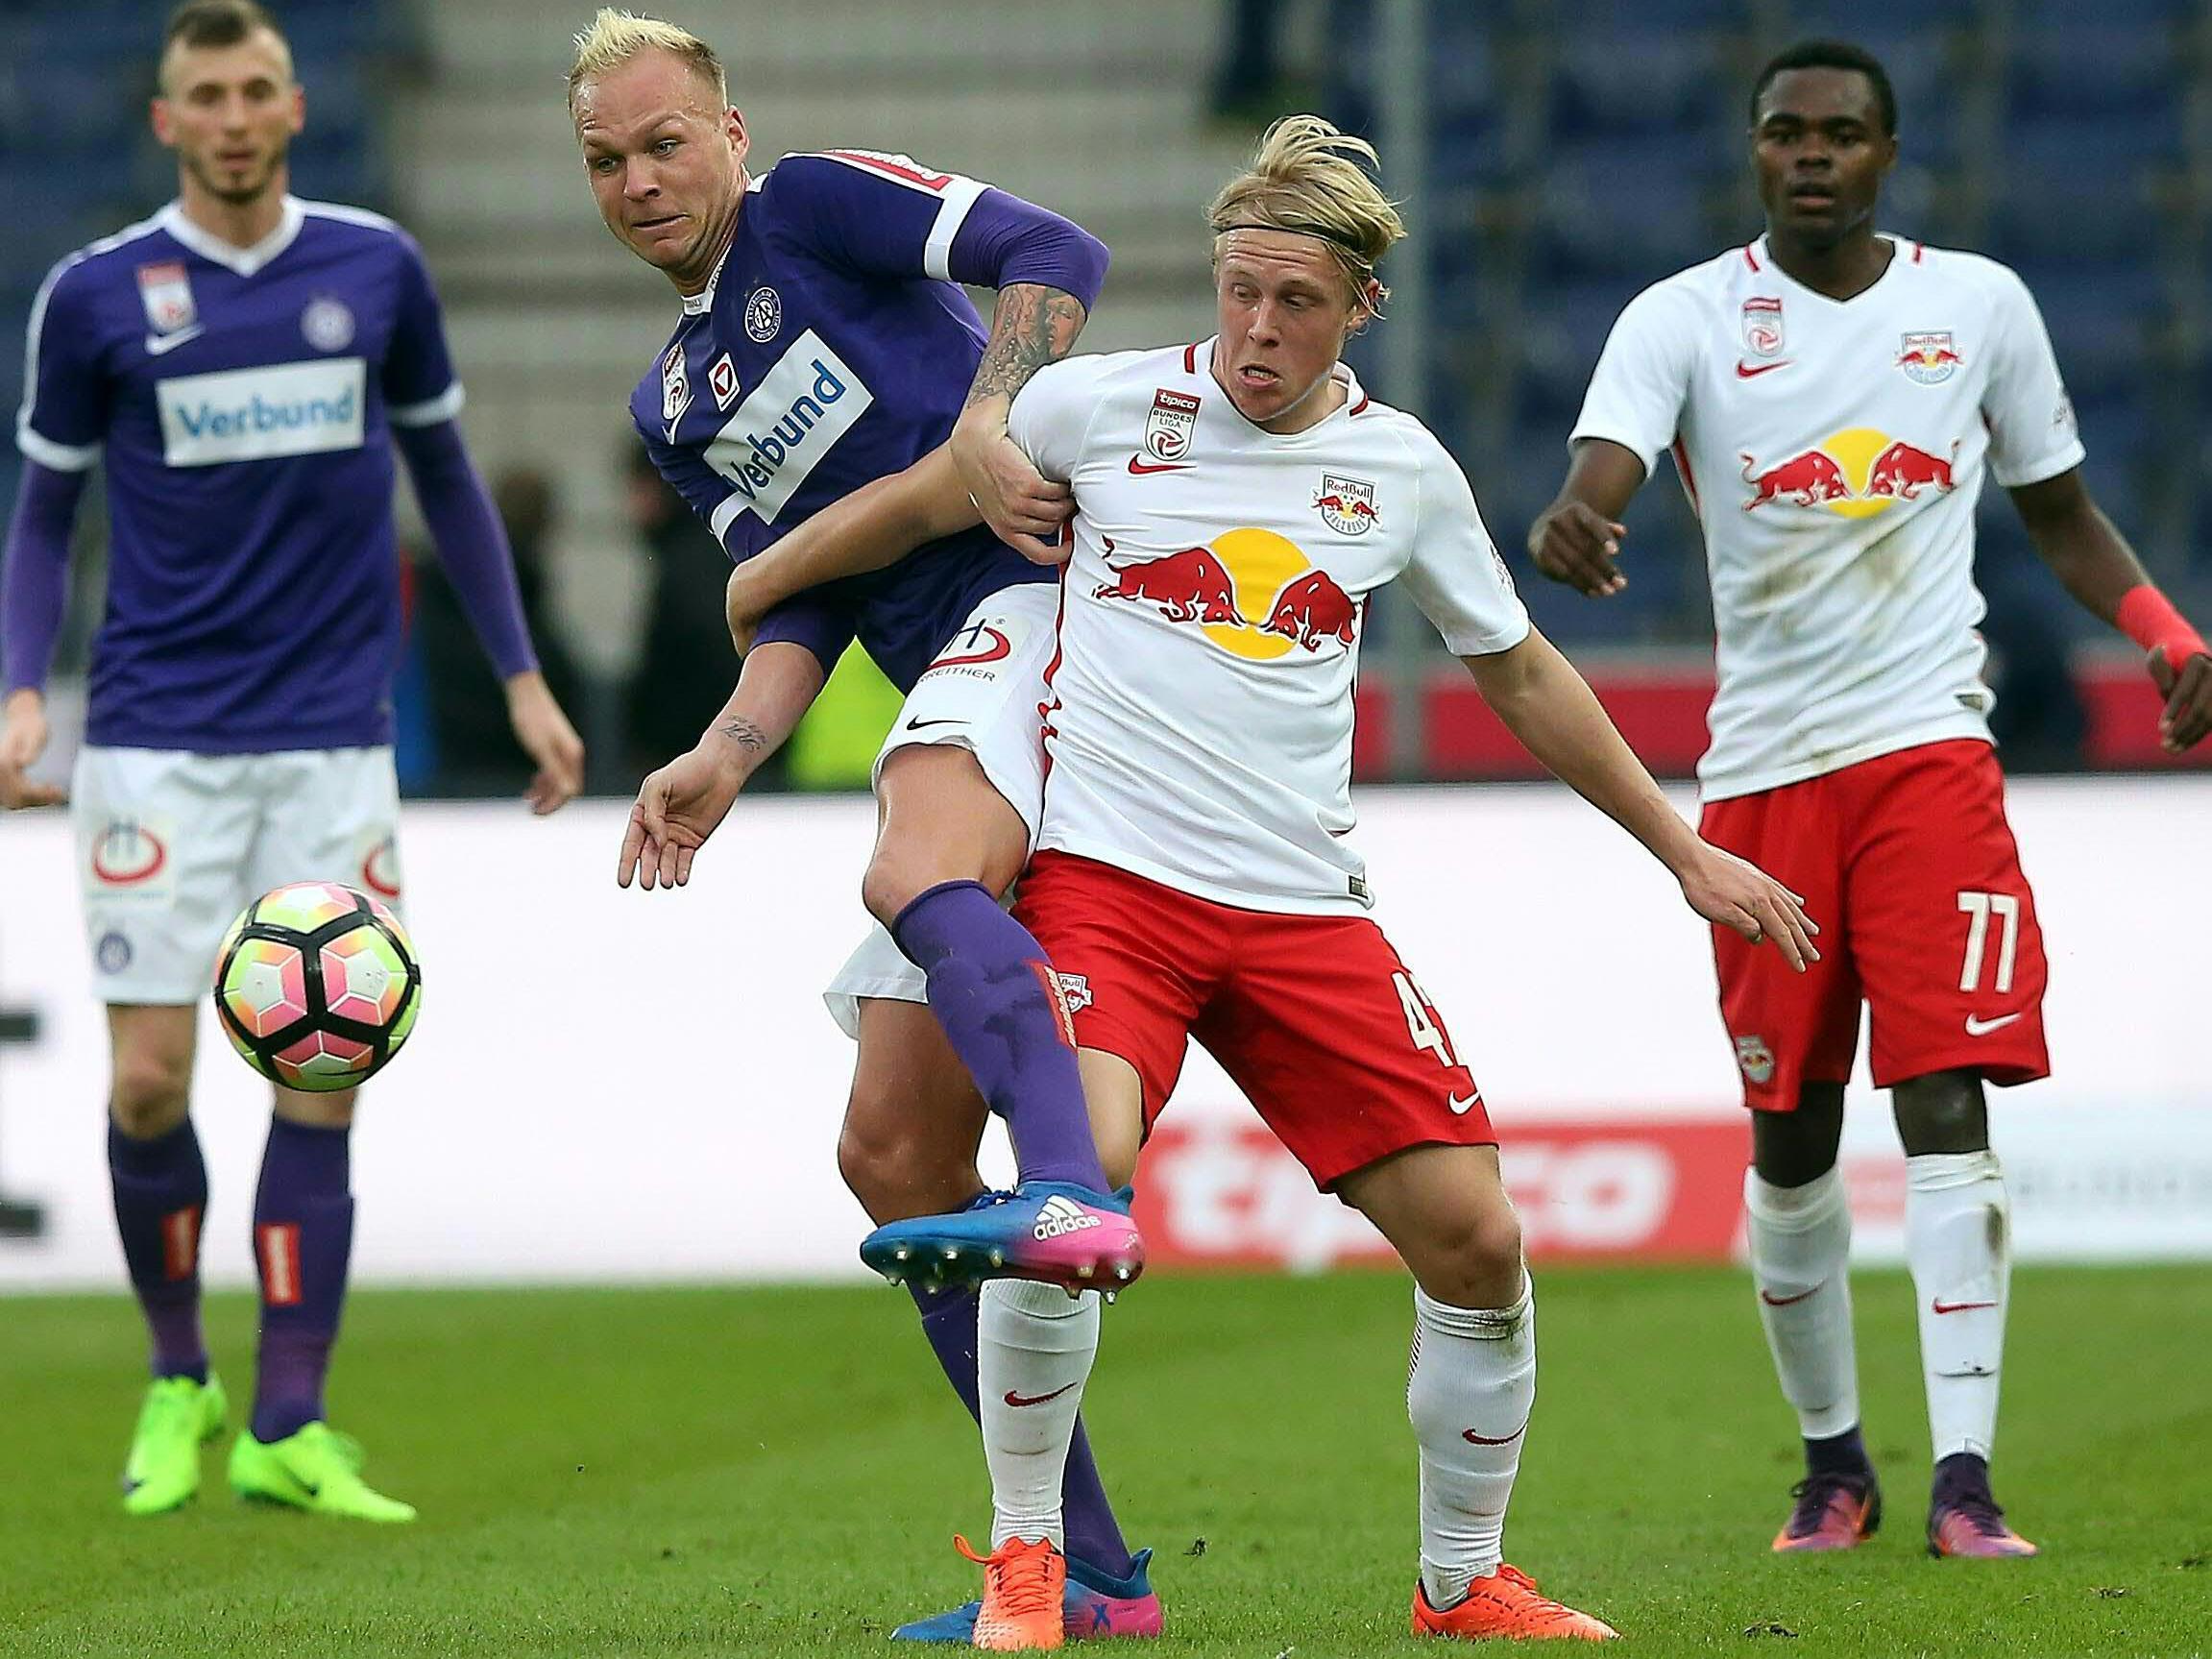 Die Wiener Austria empfängt Red Bull Salzburg am Donnerstagnachmittag.